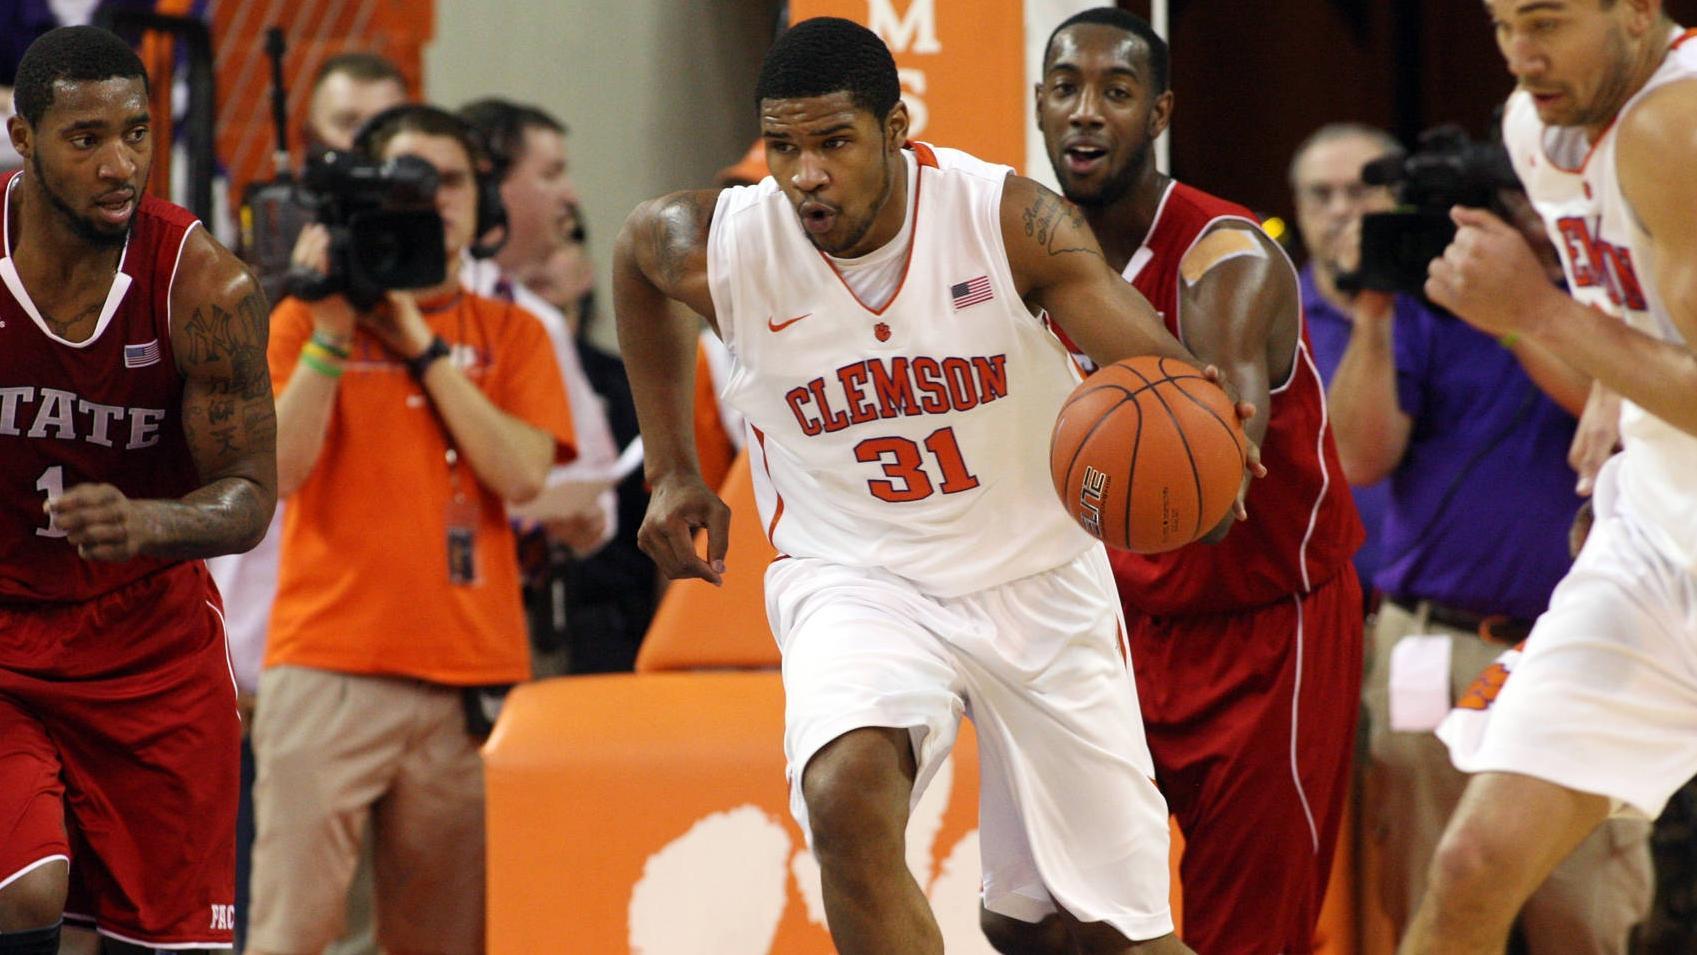 Clemson Releases Full 2012-13 Men's Basketball Schedule